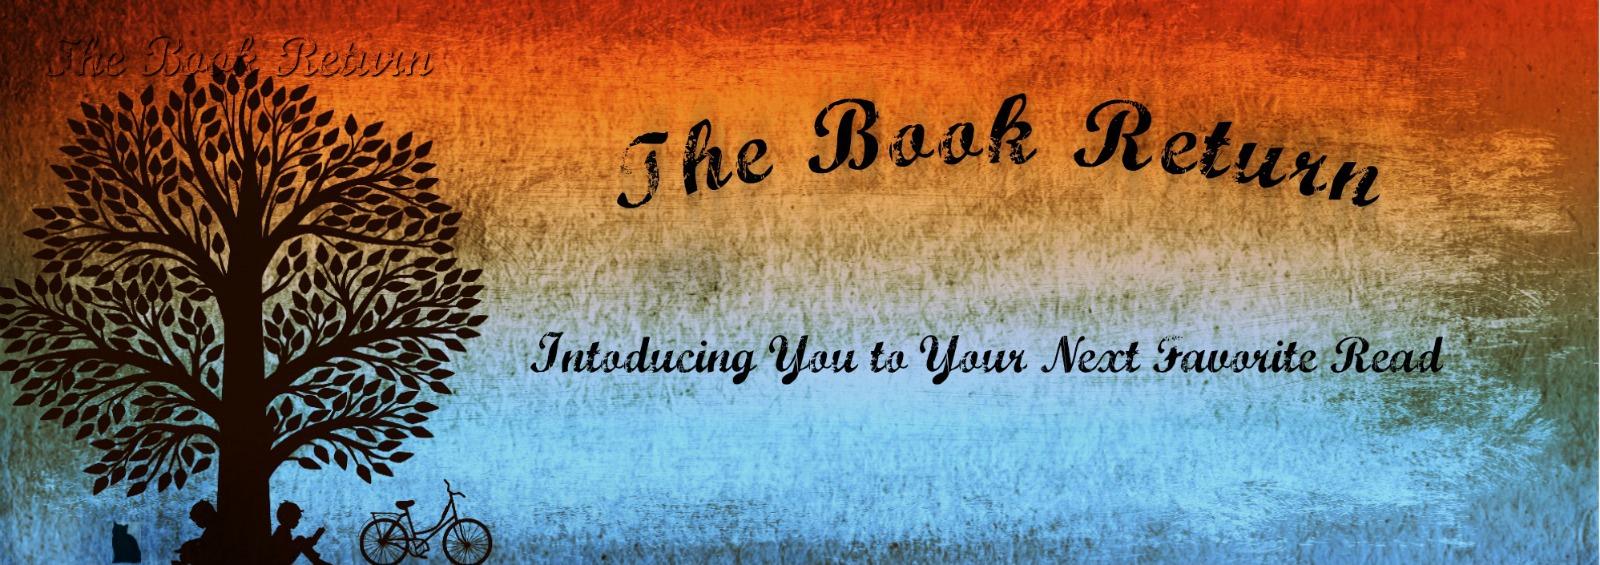 The Book return...